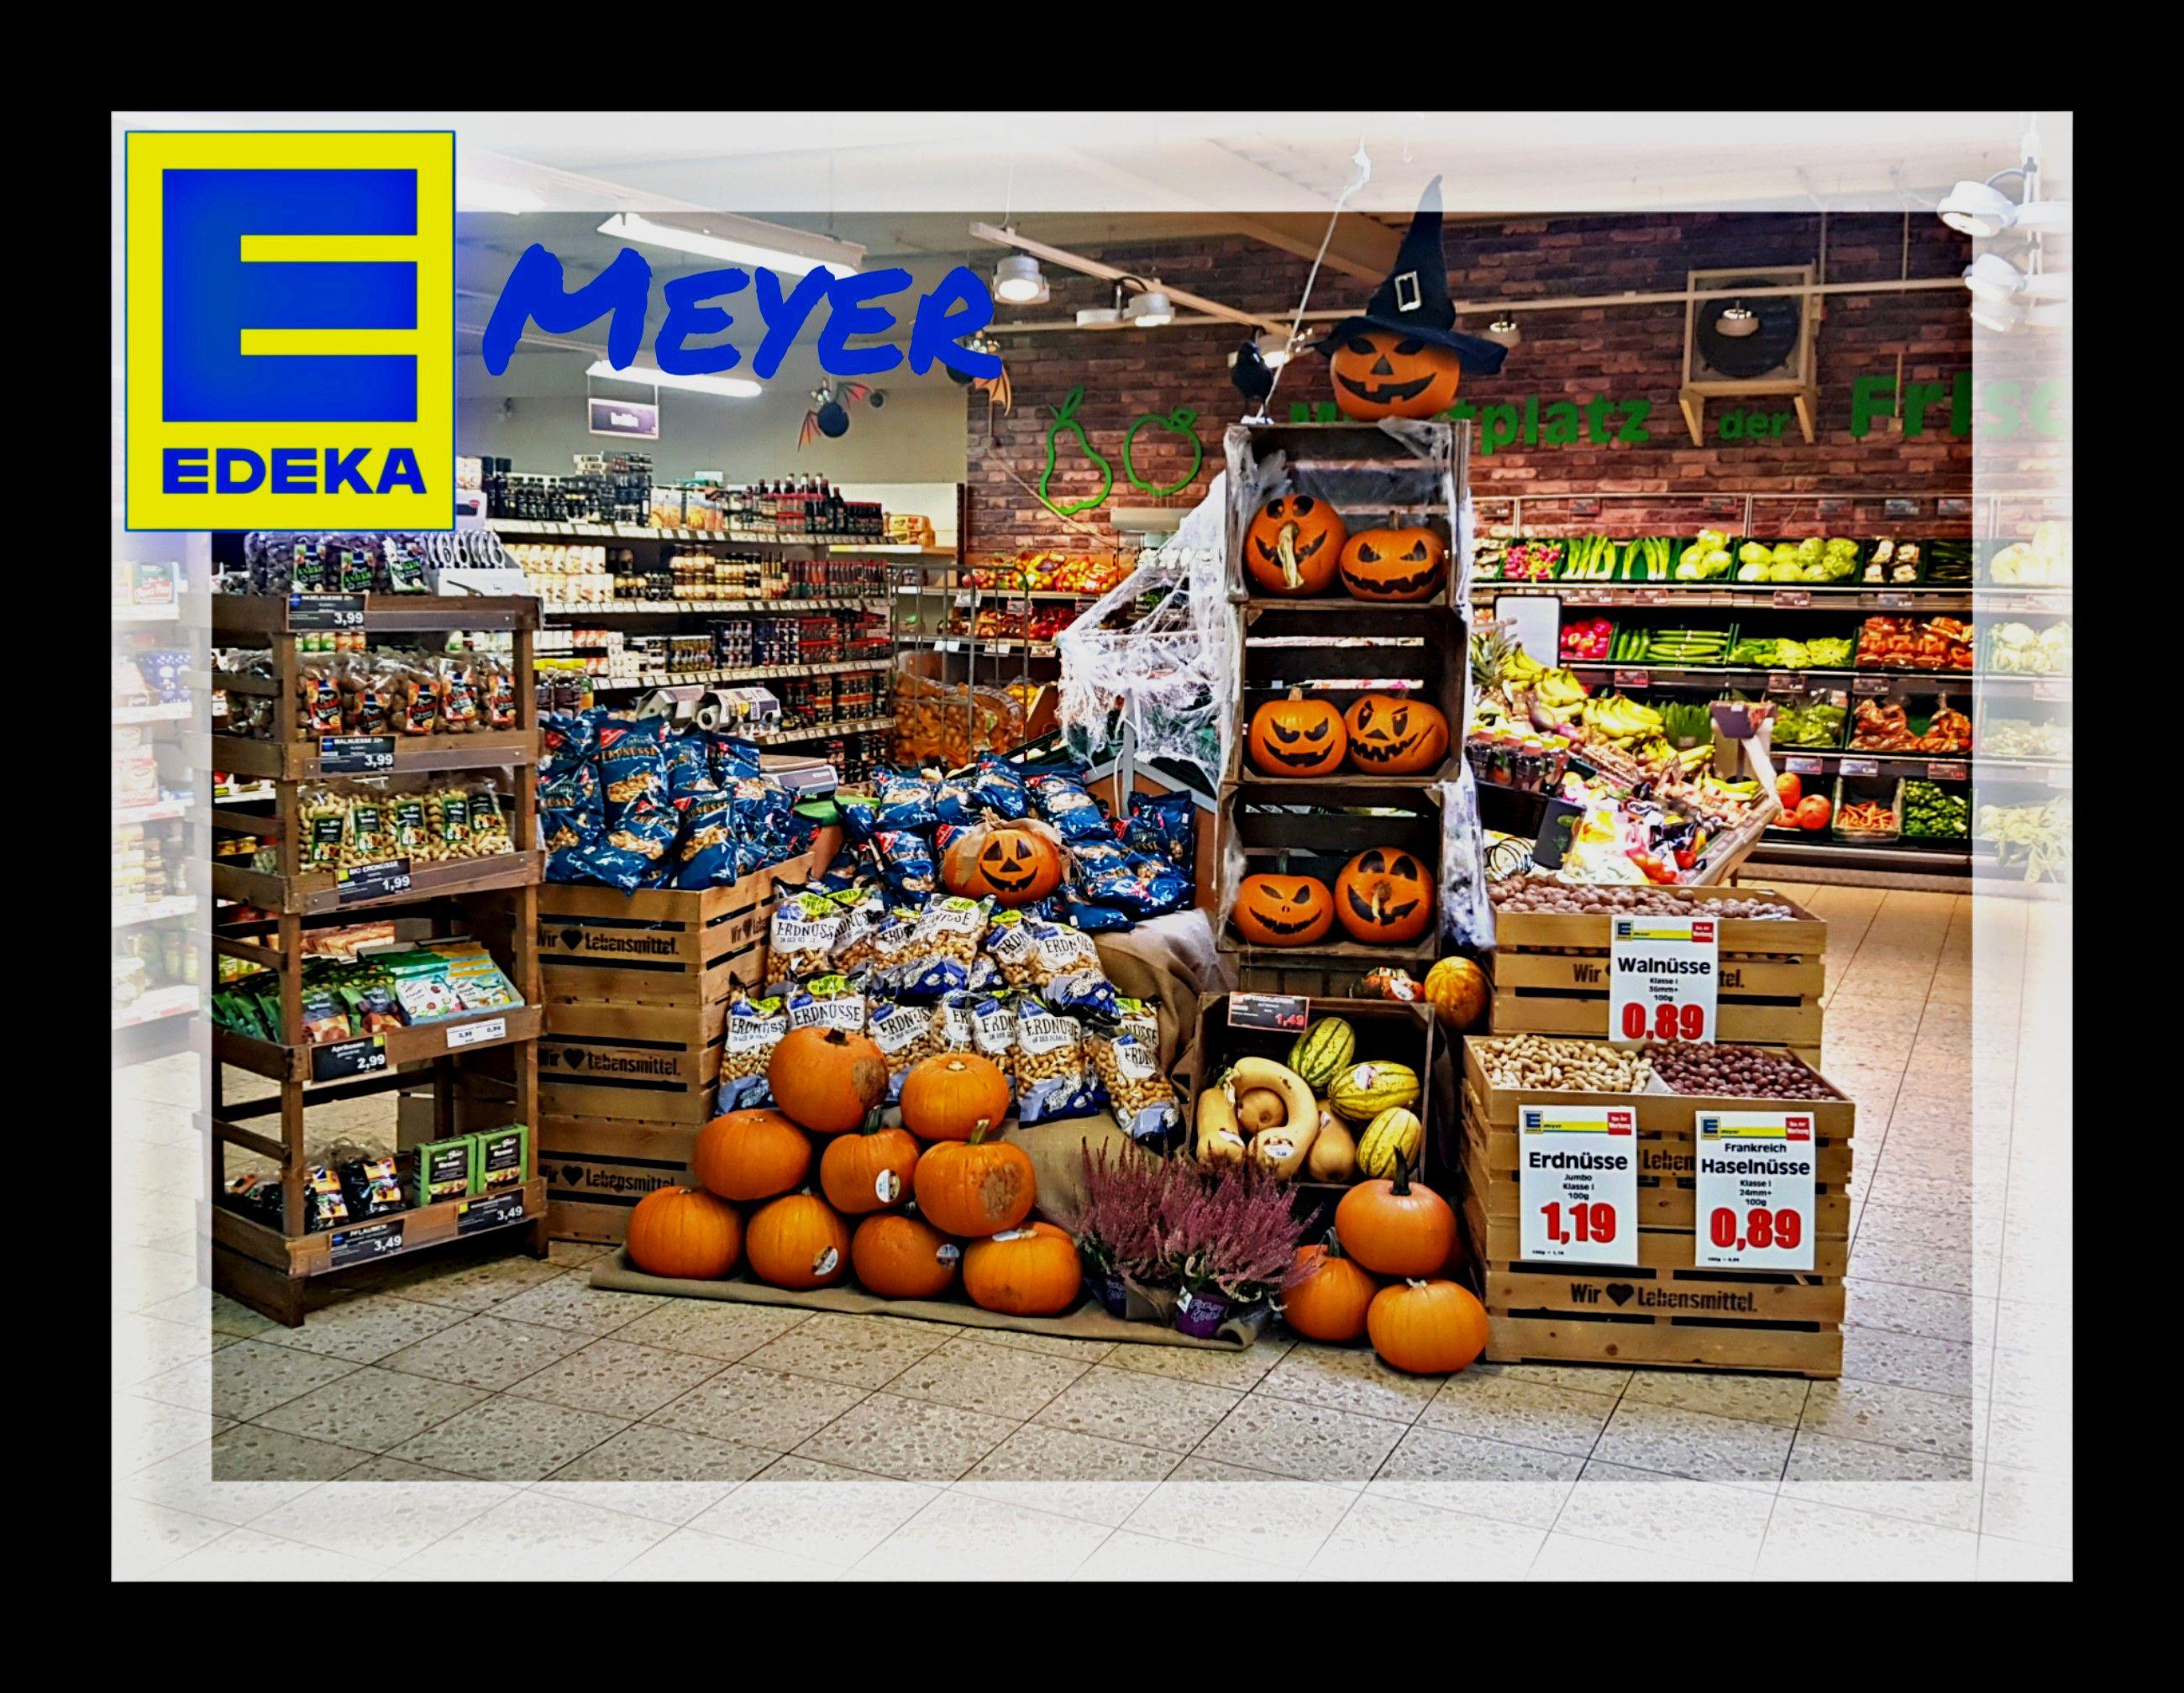 EDEKA Meyer